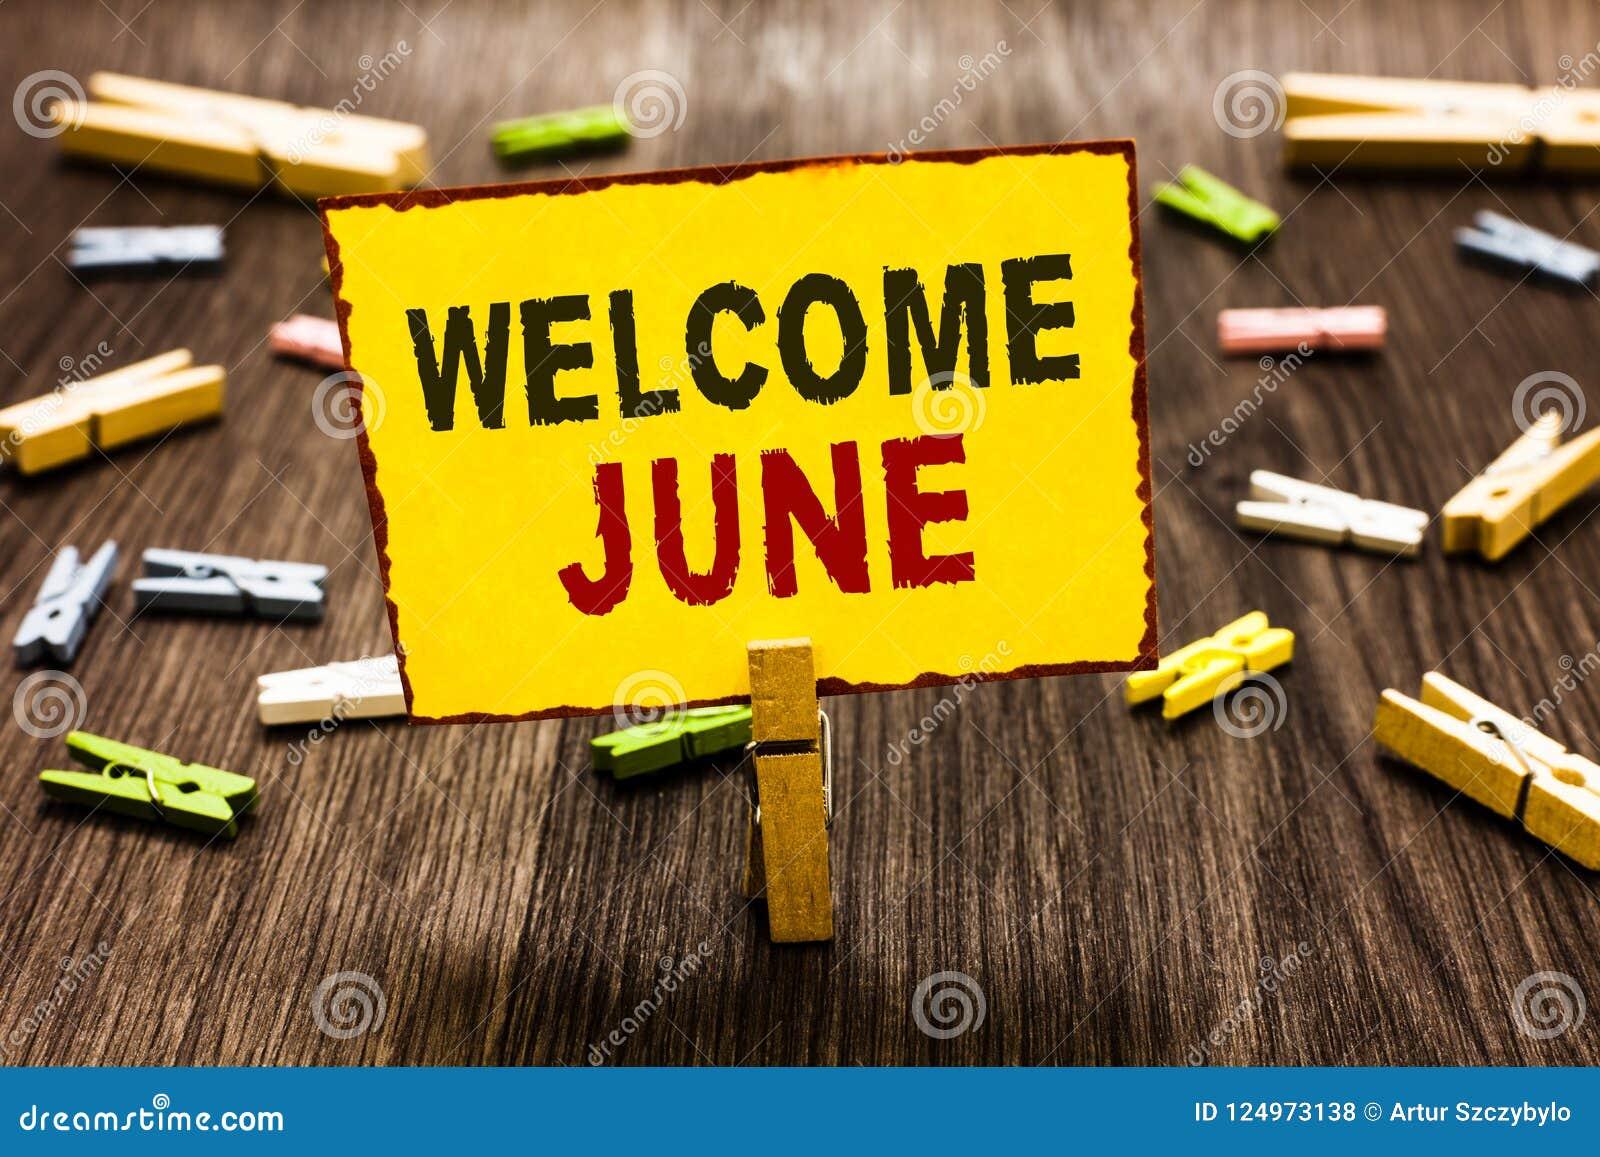 手写文本文字欢迎6月 概念意思日历第六个月二季度三十几天问候晒衣夹holdin